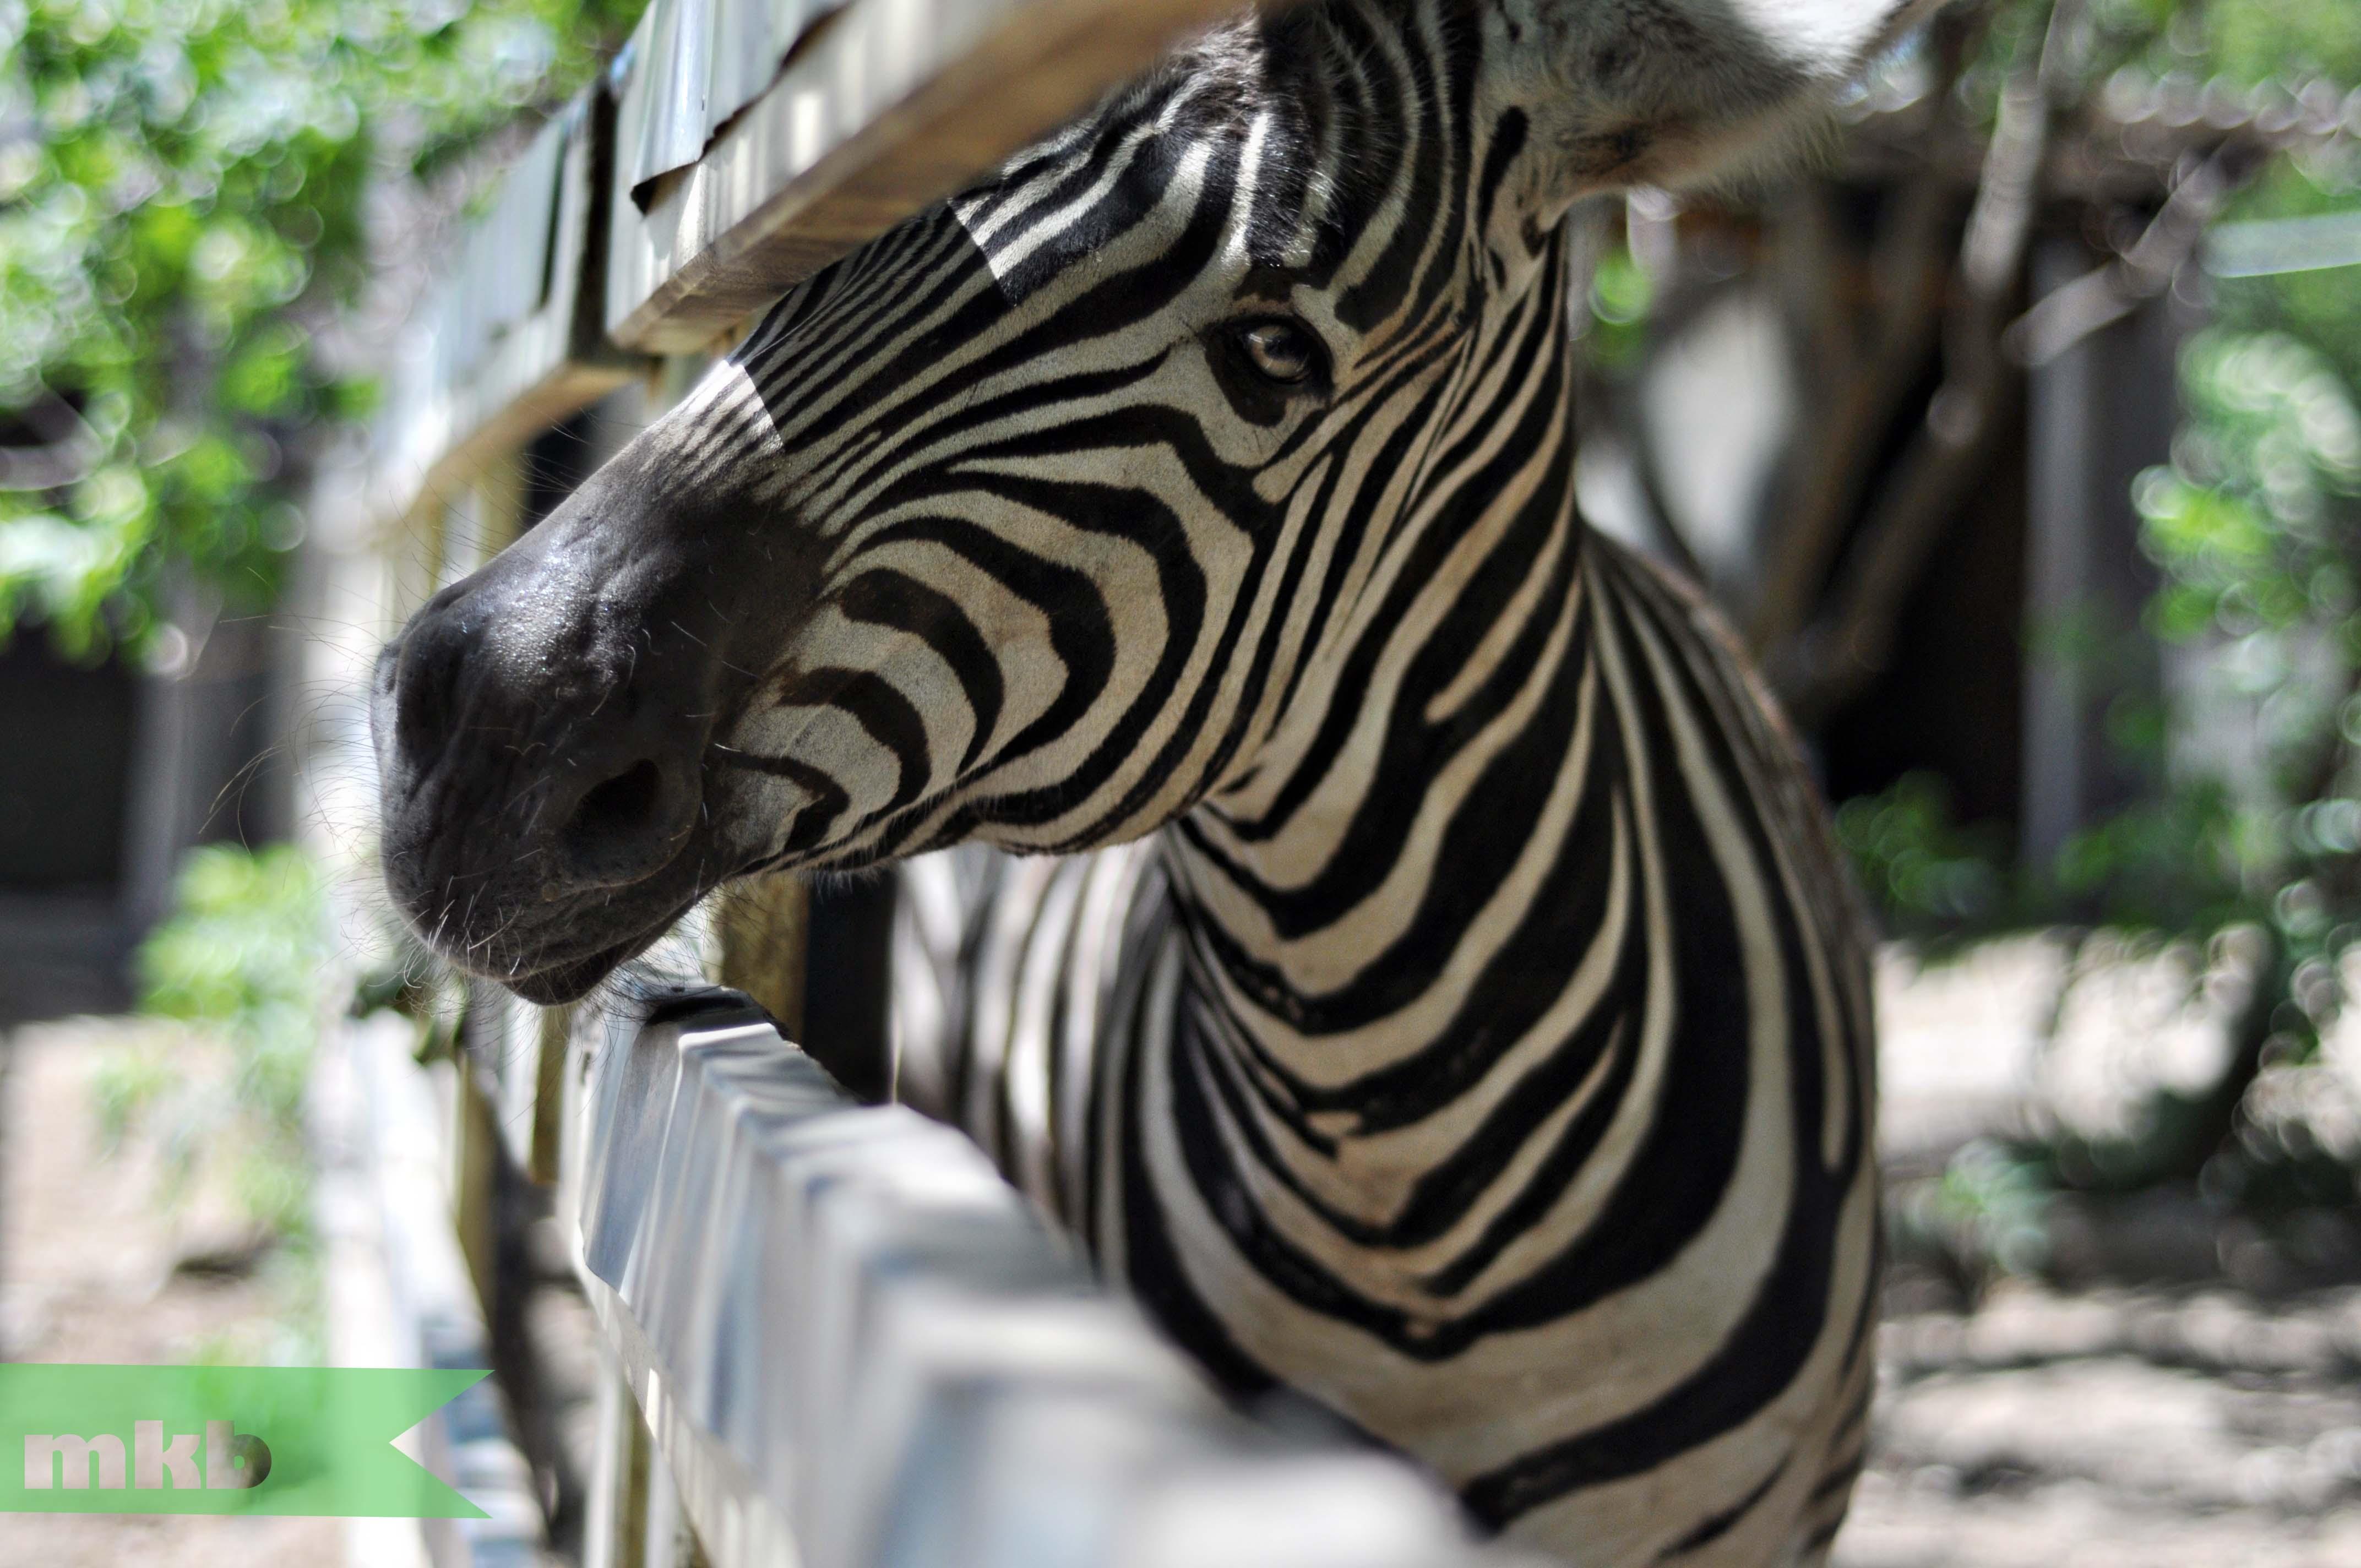 Zebra Pet Time Ever Petting a Zebra